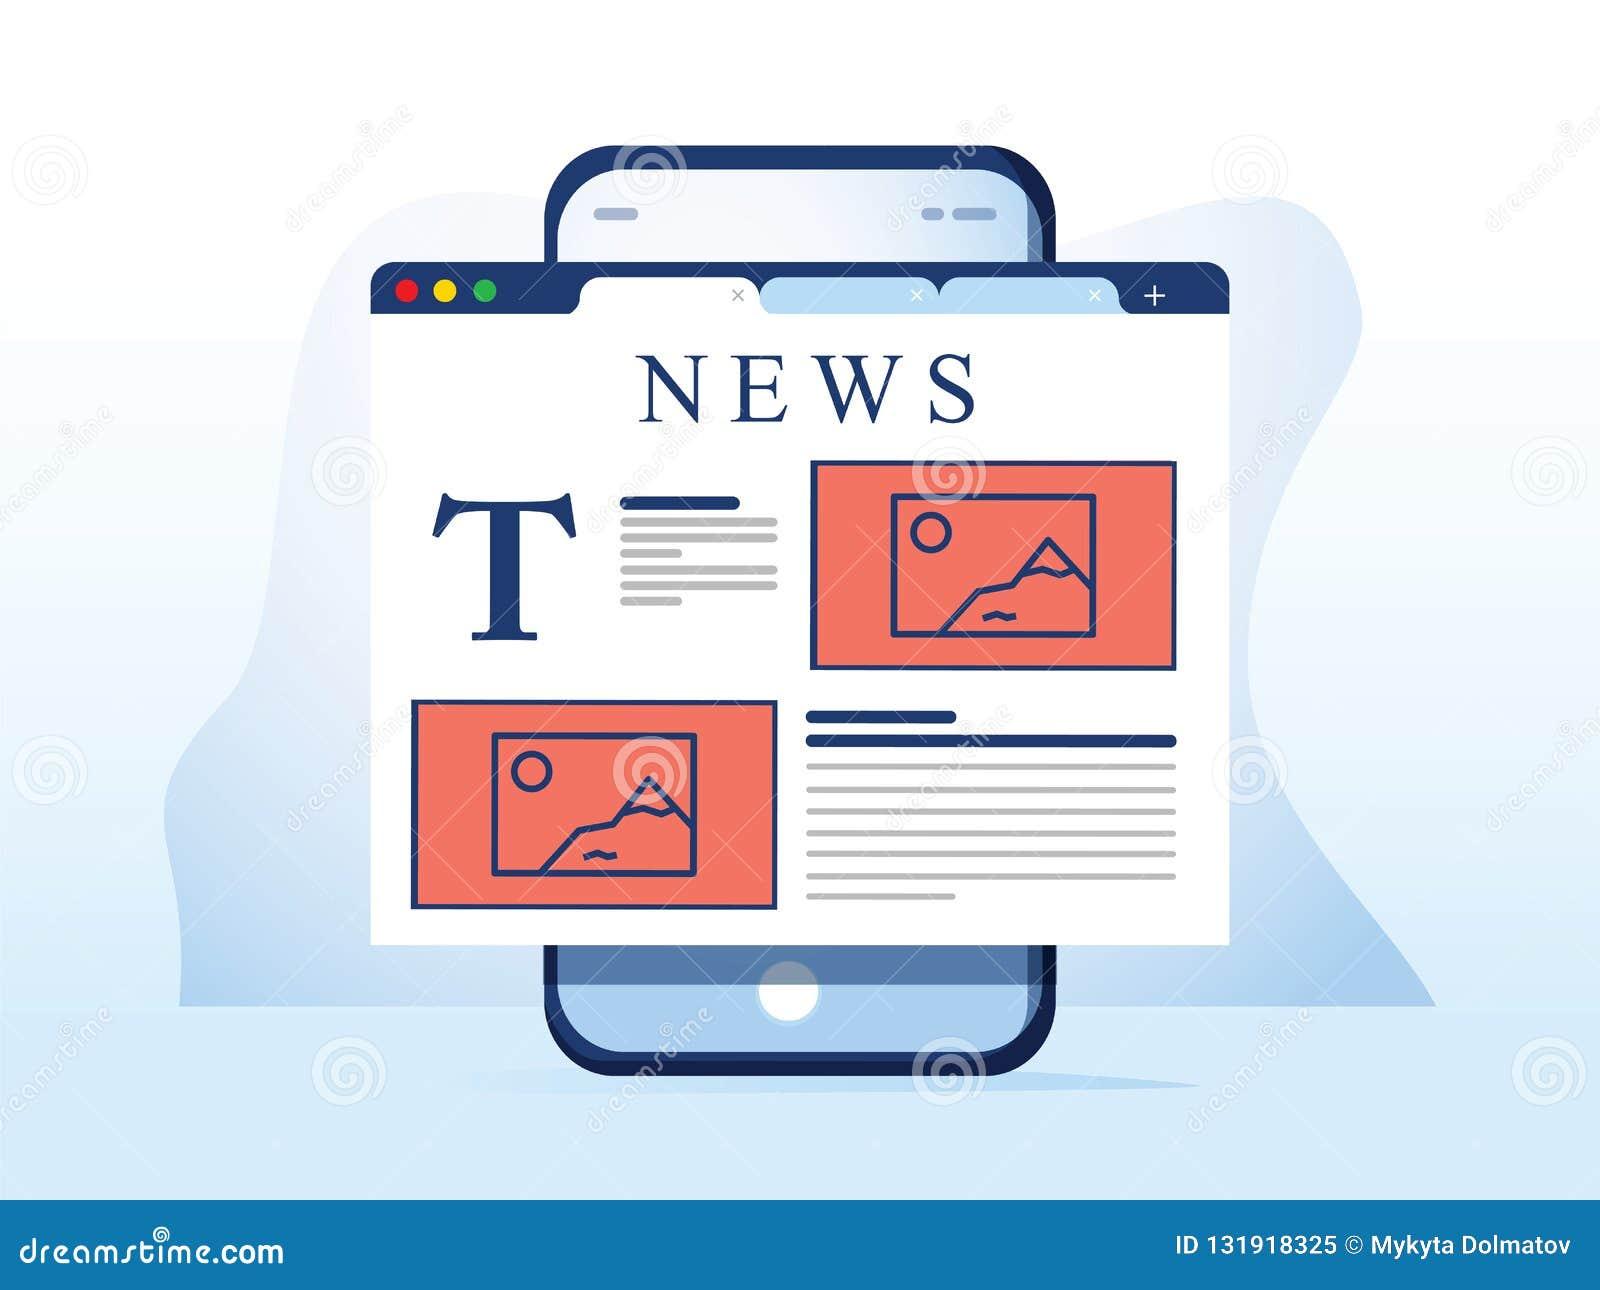 Noticias de la lectura en smartphone La página web en línea del periódico se abrió en navegador móvil en el teléfono elegante App